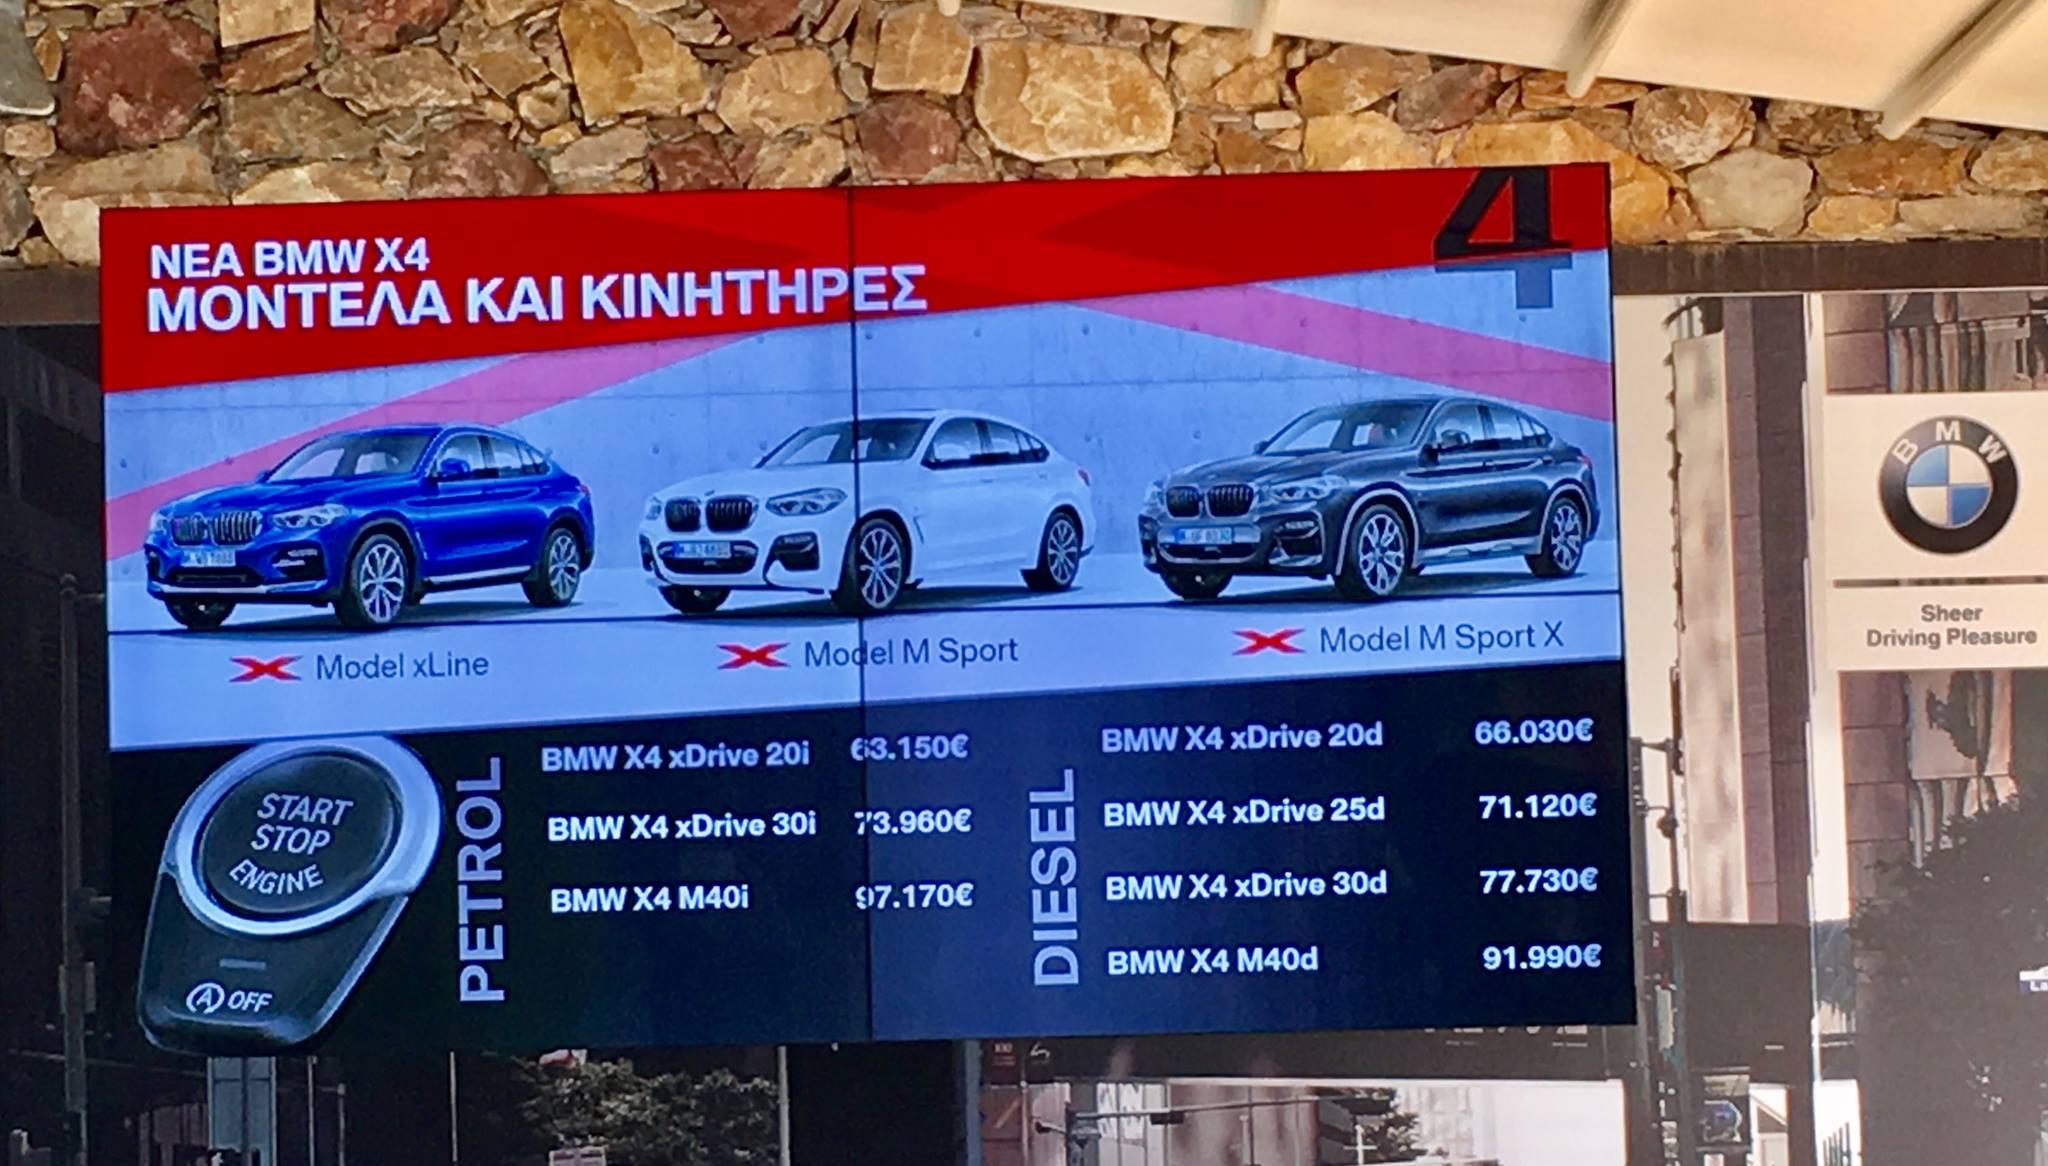 Η δεύτερη γενιά της BMW X4 δίνει μεγαλύτερη έμφαση στον σπορ χαρακτήρα και στην εκφραστική σχεδίαση. Παγκόσμια πρεμιέρα στο Διεθνές Σαλόνι Αυτοκινήτου της Γενεύης, το Μάρτιο του 2018. Η εξωτερική σχεδίαση της νέας BMW X4 δηλώνει καθαρά δυναμική ευελιξία και αυτοπεποίθηση. Αυξημένο ύψος (+81 mm), πλάτος (+37 mm) και μεταξόνιο (+54 mm) και μειωμένο ύψος κατά 3 mm συγκριτικά με το απερχόμενο μοντέλο. Με την εκκεντρική πολυτέλεια και τις αεροδυναμικές φόρμες του, το νέο Sports Activity Coupe γίνεται ο νέος εντυπωσιακός αθλητής στην οικογένεια μοντέλων BMW X. Μοντέρνα, premium αίσθηση στο εσωτερικό. Γνώριμο μίγμα στιβαρότητας και αριστοκρατικής κομψότητας. Κλασικό, οδηγοκεντρικό cockpit BMW. Νέας σχεδίασης εμπρός καθίσματα και επενδύσεις γονάτων. Εκδόσεις xLine, M Sport X και M Sport αυξάνουν τις δυνατότητες εξατομίκευσης. Η BMW X4 διατίθεται για πρώτη φορά με αποκλειστικές προτάσεις της σειράς BMW Individual, για να μπορεί ο πελάτης να αποτυπώσει το προσωπικό του στυλ. Πλούσια γκάμα κινητήρων με τρεις βενζινοκινητήρες και τέσσερις κινητήρες diesel και ισχύ από 135 kW/184 hp έως 265 kW/360 hp (κατανάλωση μικτού κύκλου: 9,0 – 5,4 l/100 km, Εκπομπές CO2 στο μικτό κύκλο: 209 – 142 g/km)*. Η κινητήρια ισχύς μεταφέρεται στο δρόμο μέσω ενός οκτατάχυτου κιβωτίου Steptronic και του ευφυούς συστήματος τετρακίνησης BMW xDrive (και τα δύο στάνταρ σε όλα τα μοντέλα). Δύο μοντέλα BMW M Performance: BMW X4 M40i και BMW X4 M40d με πανίσχυρους κινητήρες, αποκλειστικά σχεδιαστικά στοιχεία και εξοπλισμό. Αισθητά βελτιωμένη δυναμική συμπεριφορά χάρη στην εκτενώς αναβαθμισμένη τεχνολογία πλαισίου, προσαρμοσμένη για την X4, και τη μείωση βάρους. Κορυφαία συστήματα πλαισίου διατίθενται στάνταρ ή προαιρετικά: Variable Sport Steering (σπορ σύστημα διεύθυνσης με μεταβλητό λόγο υποπολλαπλασιασμού), Performance Control (έλεγχος επιδόσεων), προσαρμοζόμενη ανάρτηση Adaptive M, διαφορικό M Sport και φρένα M Sport. Το βάρος του οχήματος έχει μειωθεί έως 50 kg συγκριτικά με το προηγούμενο μοντέλο, χάρη